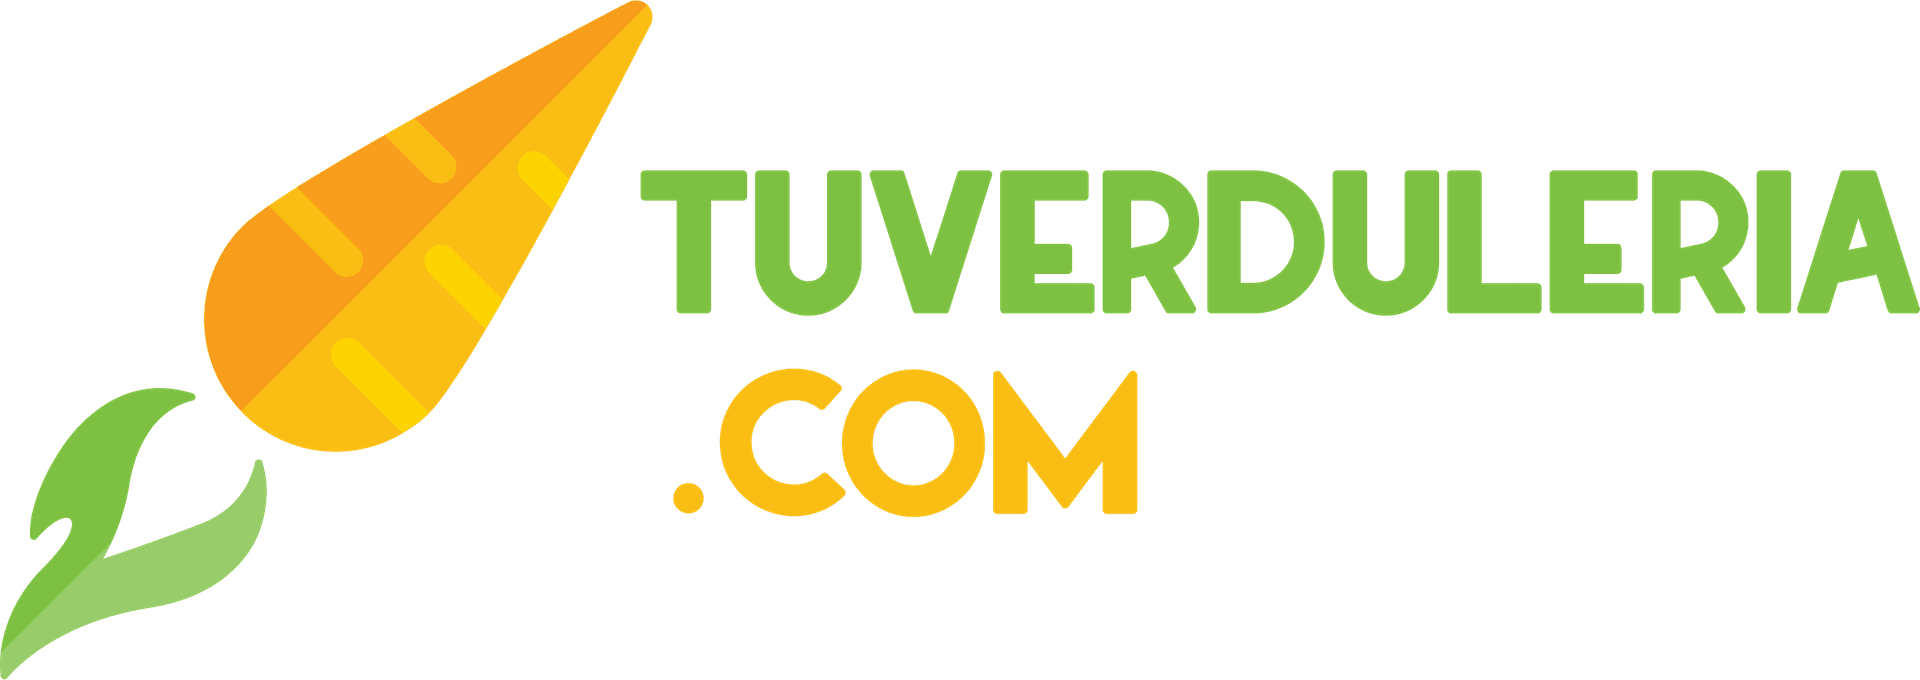 TUVERDULERIA | Frutas y Verduras a Domicilio logo